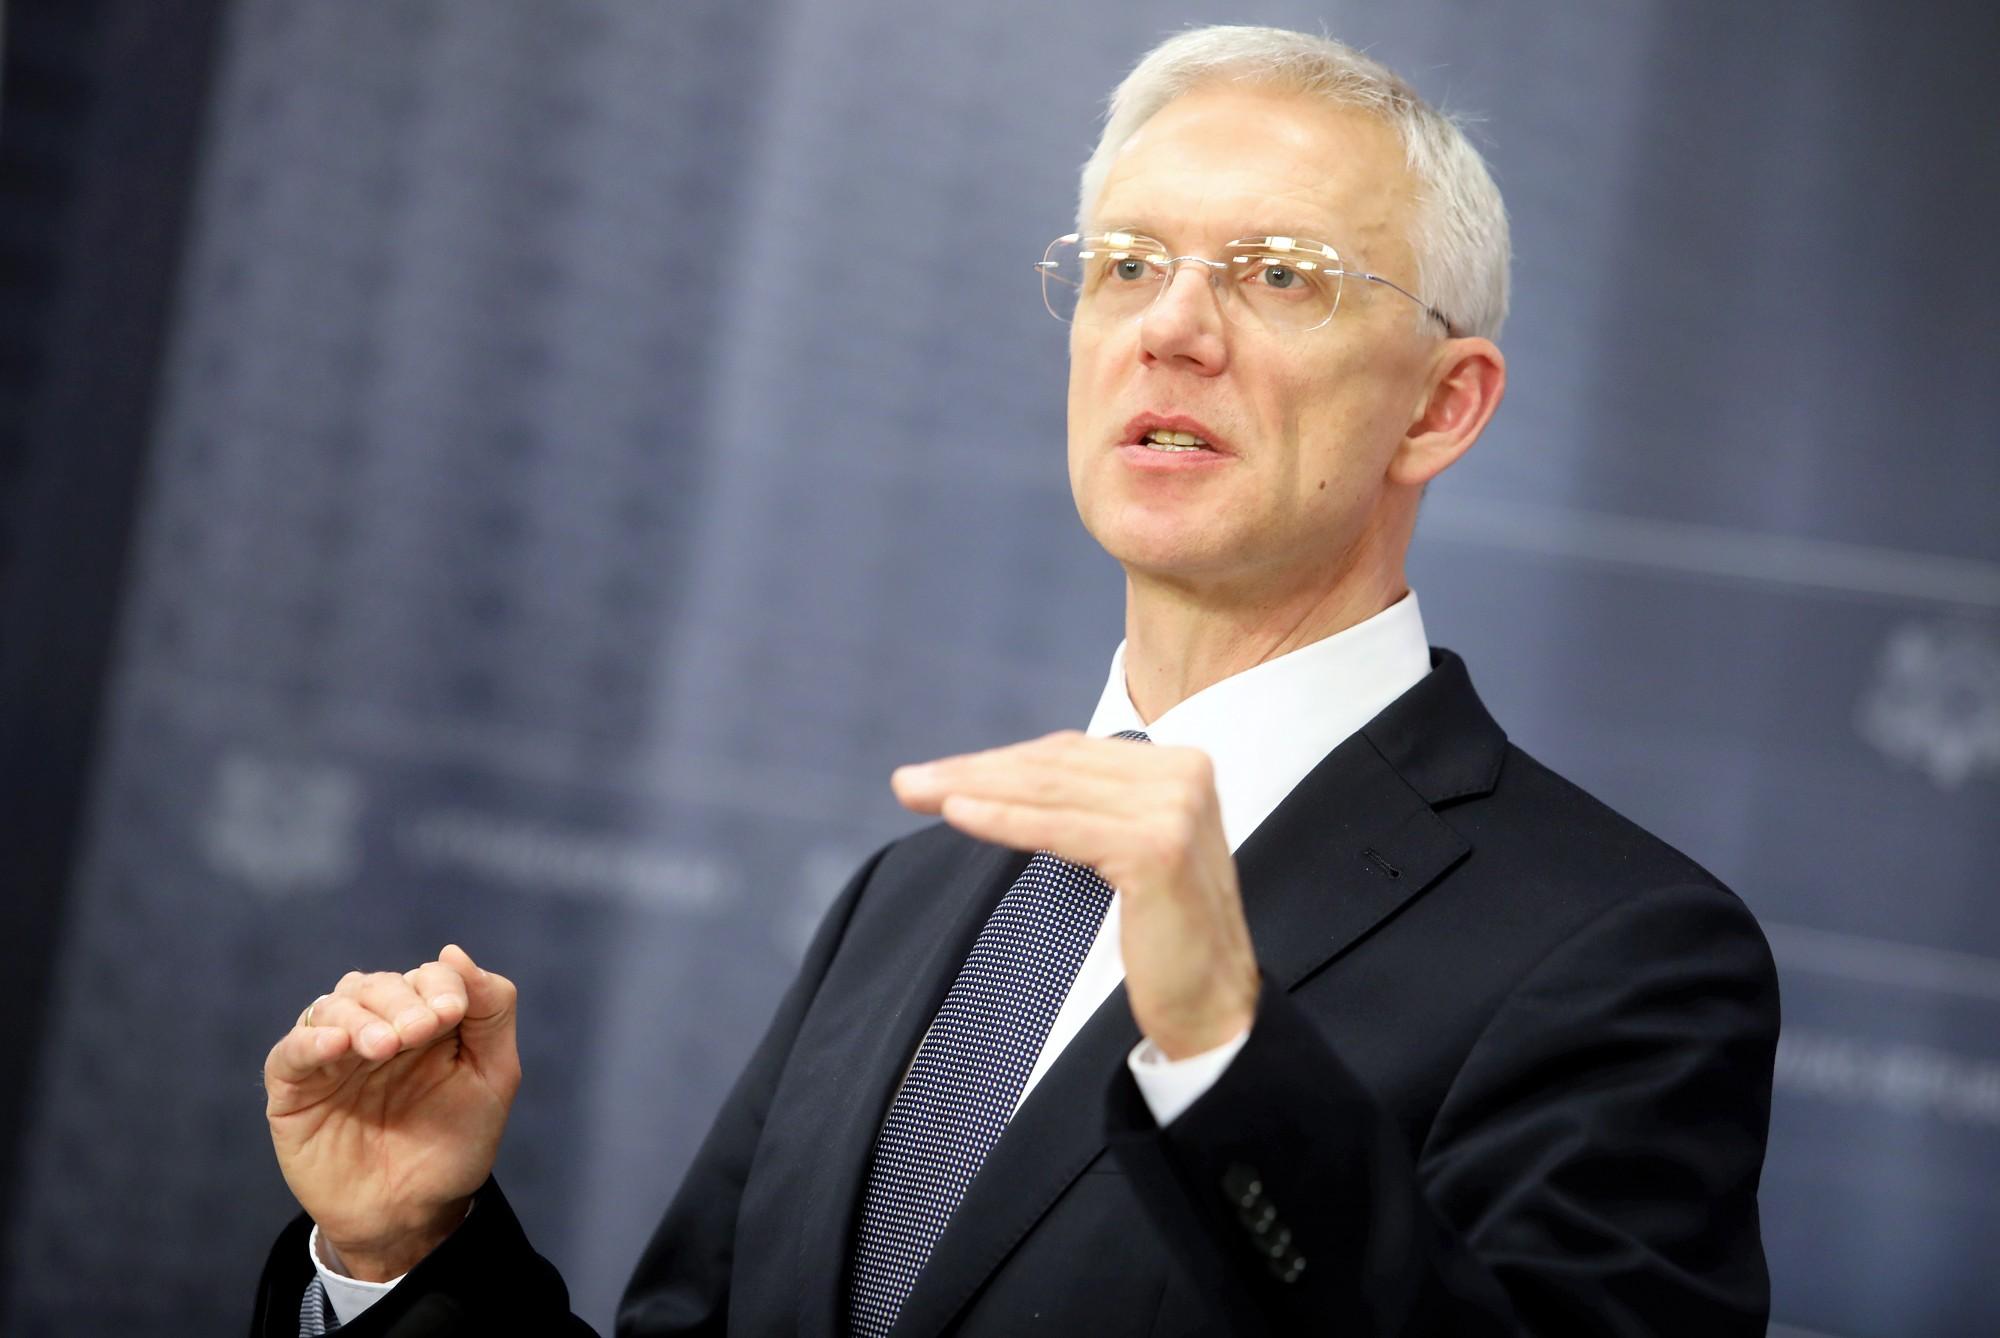 Премьер: бюджетная политика правительства нацелена на приближение Латвии к модели благосостояния скандинавских стран